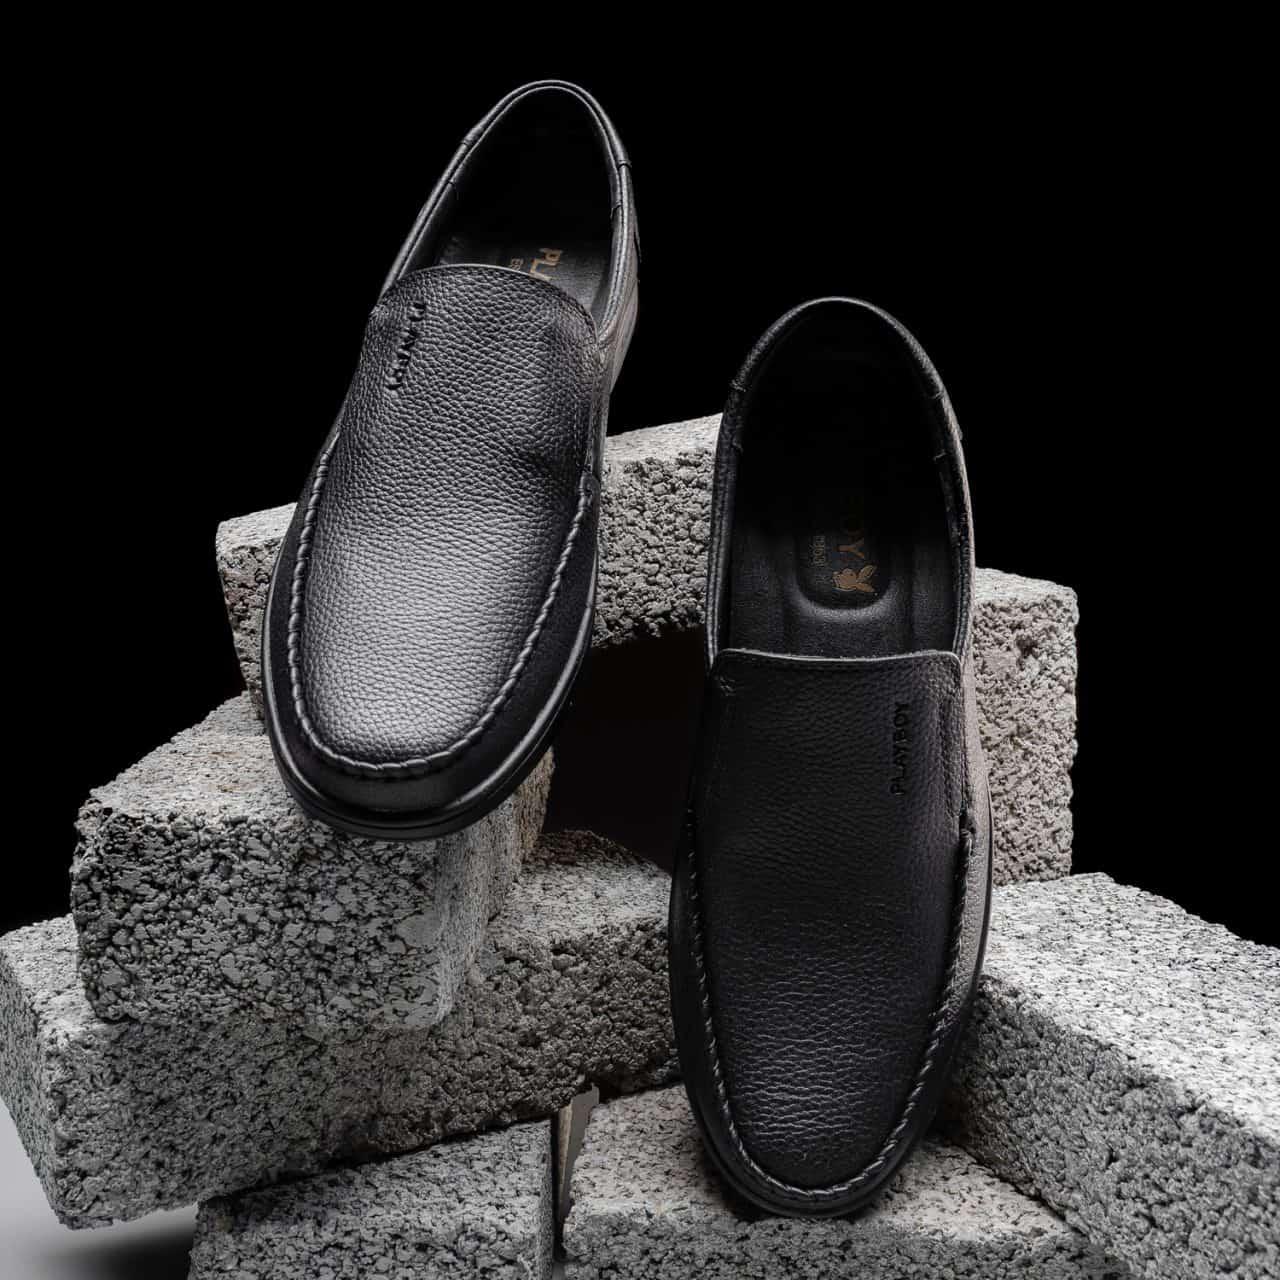 Giày lười da bò thể hiện phong cách riêng của bạn